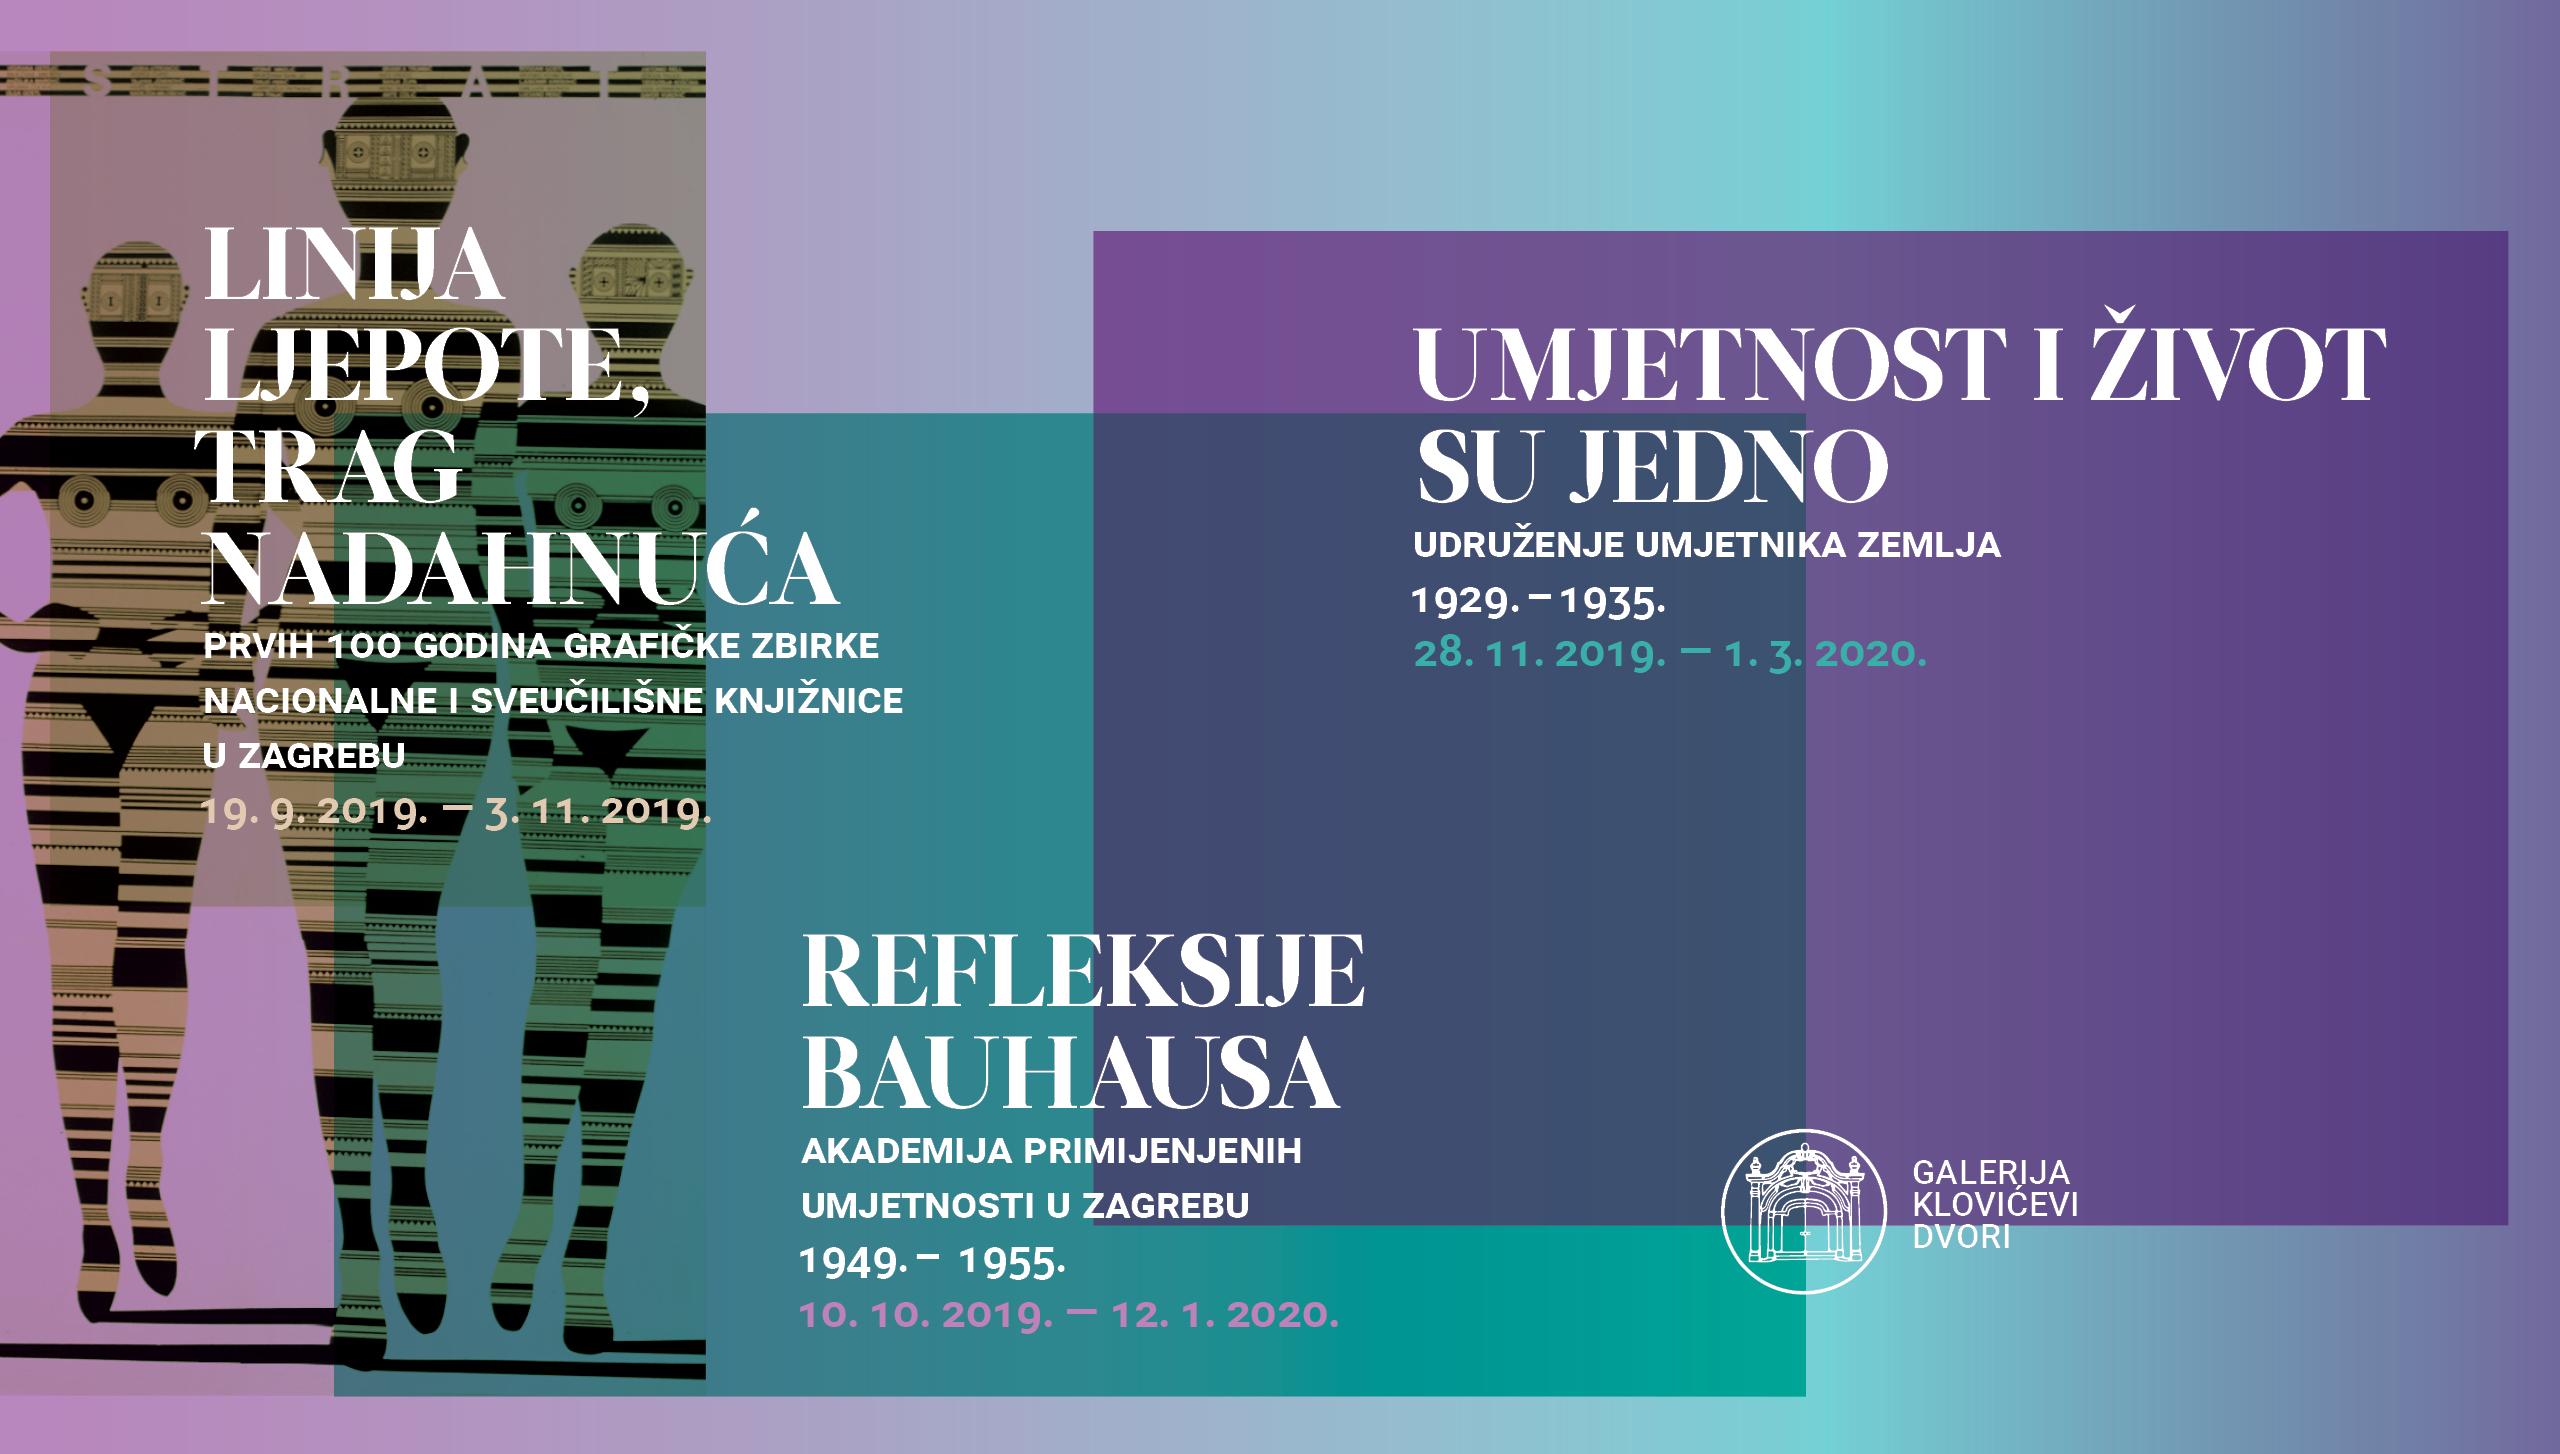 Izložba 'Refleksije Bauhausa: Akademija primijenjenih umjetnosti u Zagrebu 1949. – 1955.' u Klovićevim dvorima